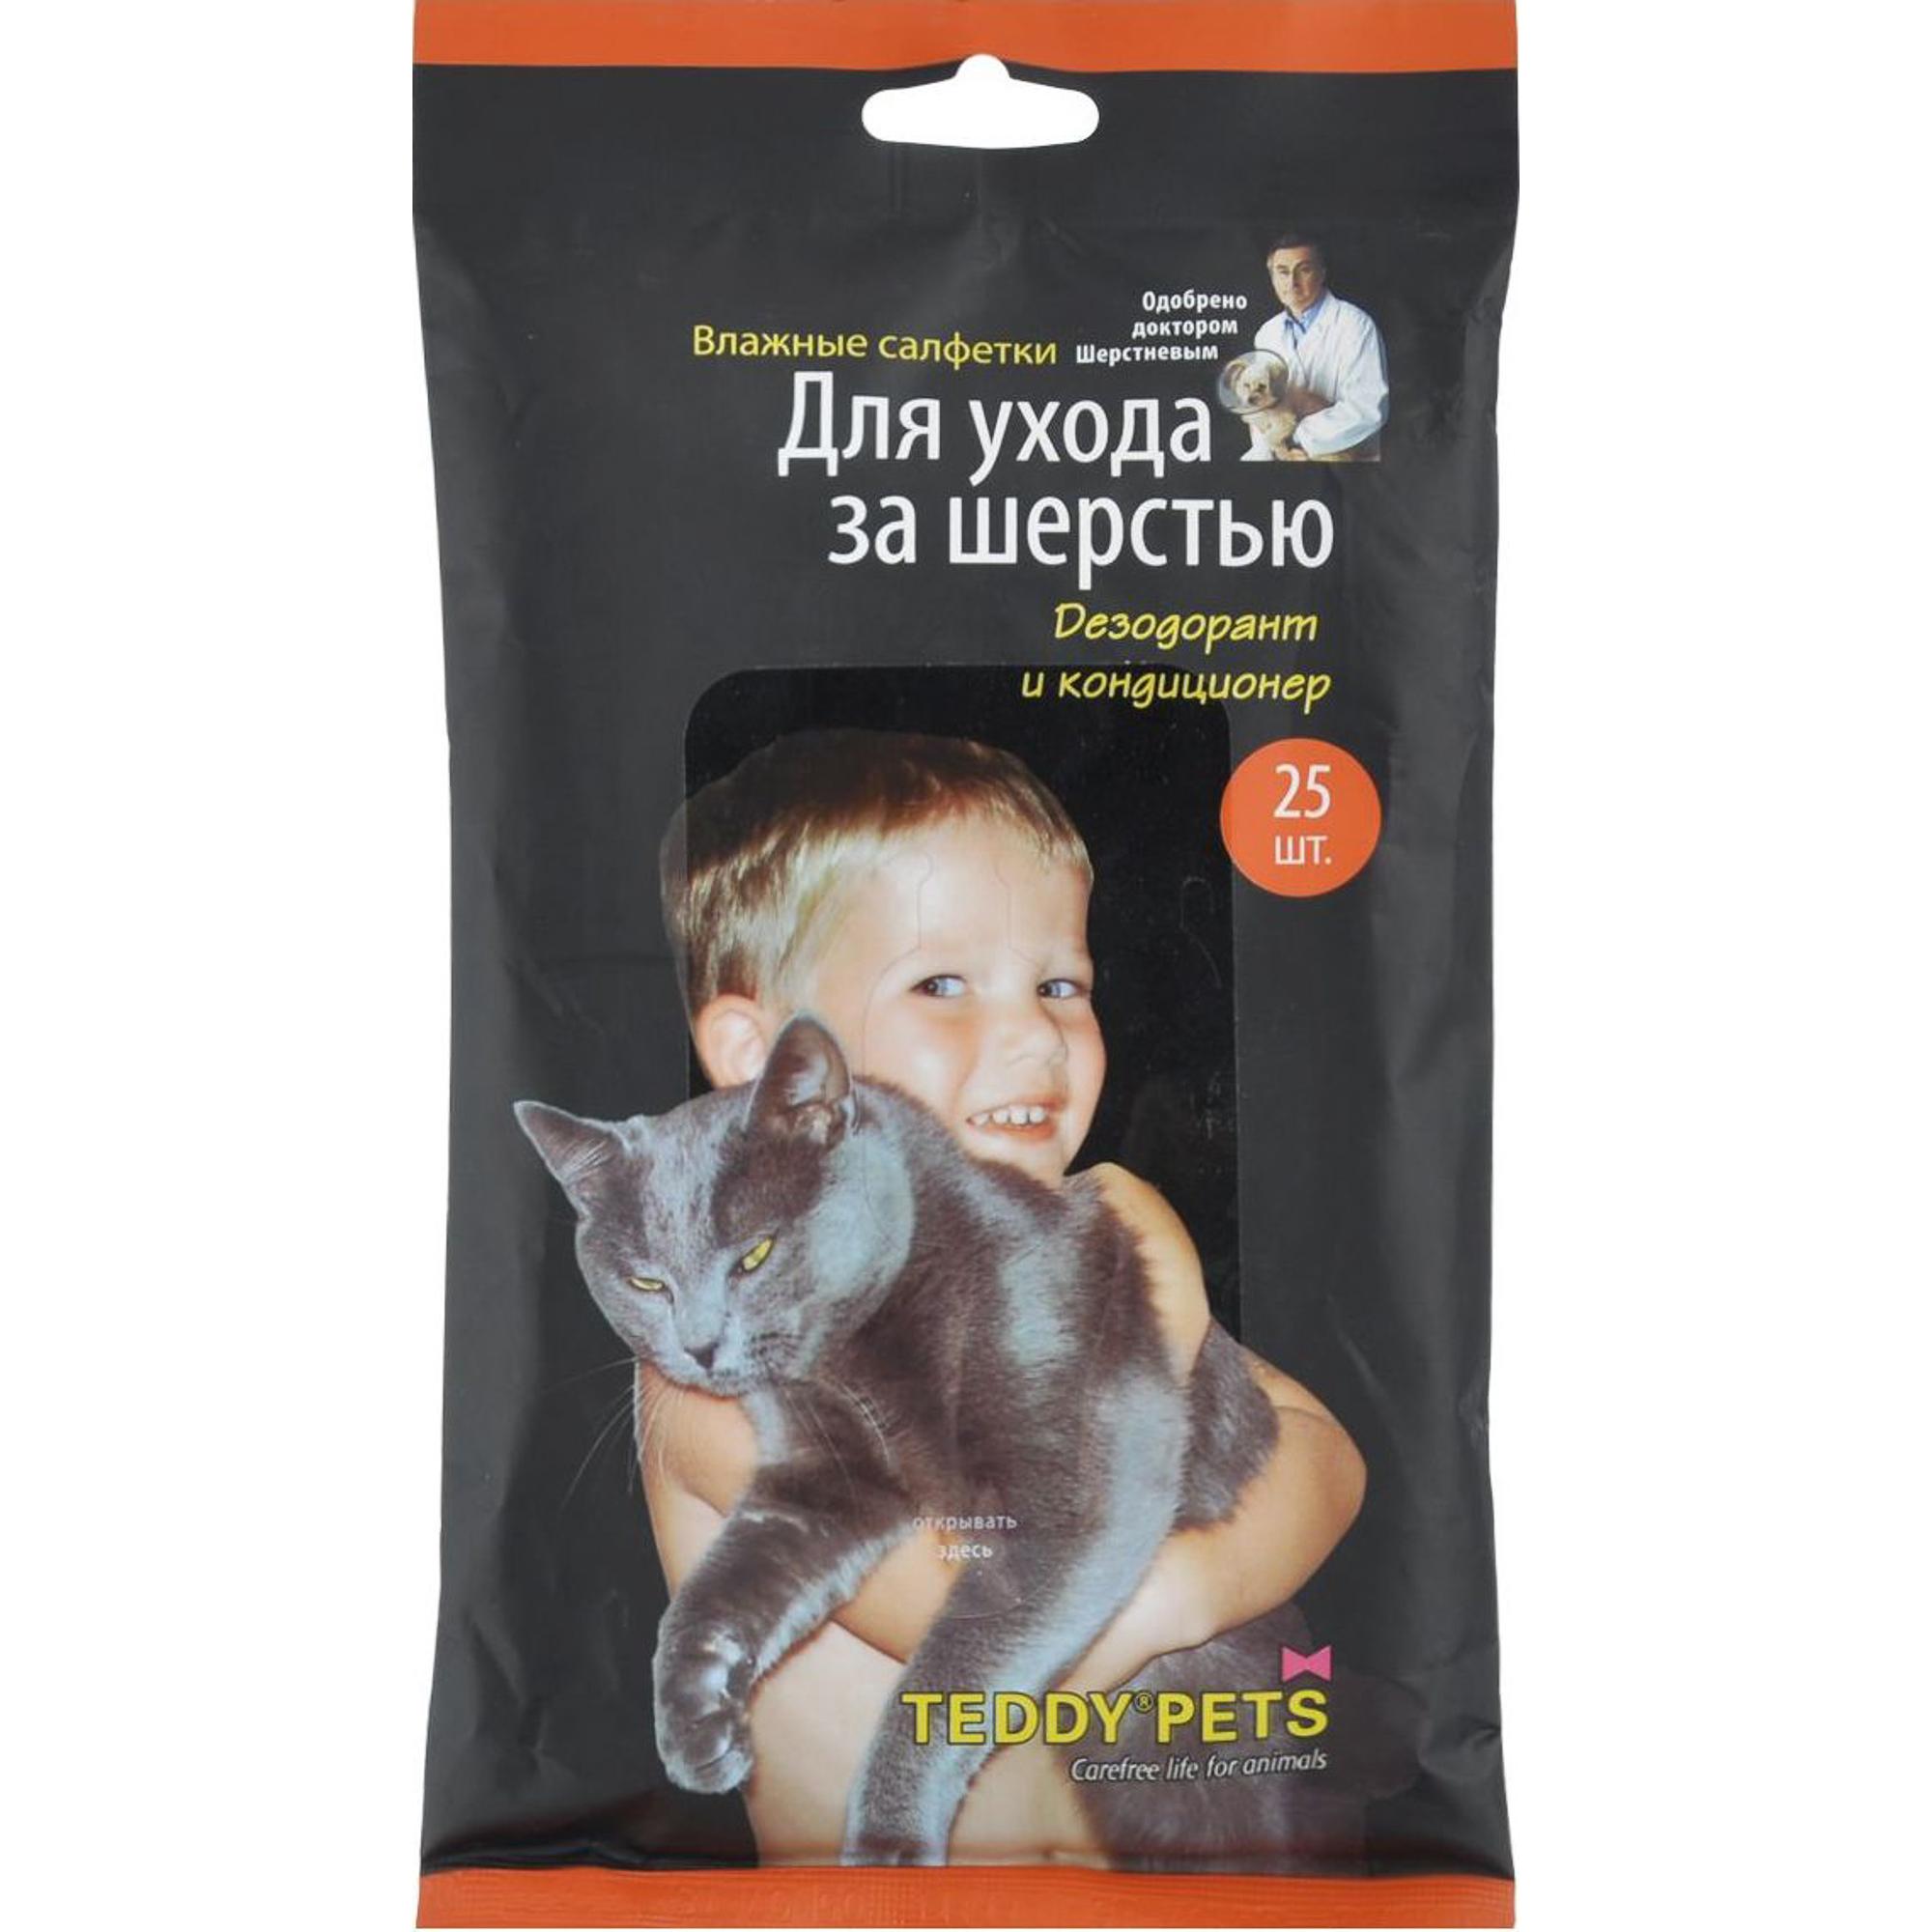 Салфетки для кошек и собак TEDDY PETS Для ухода за шерстью 25 шт салфетки teddy pets влажные для ухода за глазами и ушами для кошек и собак